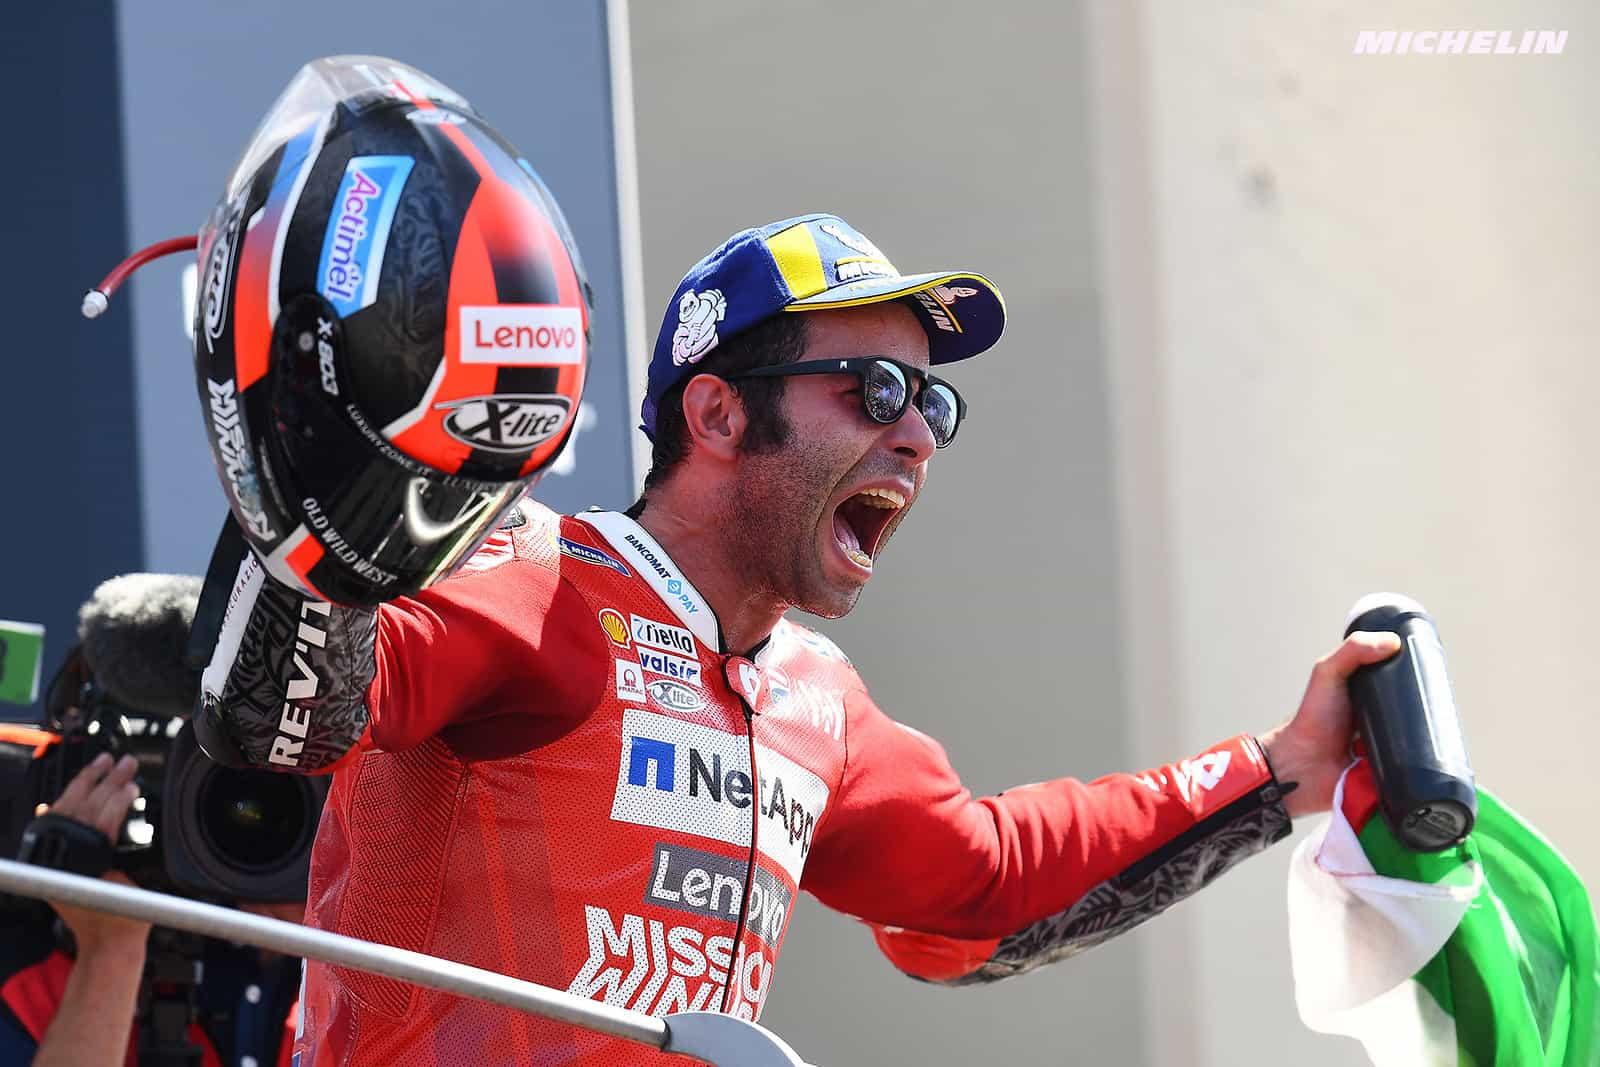 MotoGP2019イタリアGP 優勝ペトルッチ「今回の優勝はチームメイトのドヴィツィオーゾに捧げたい」